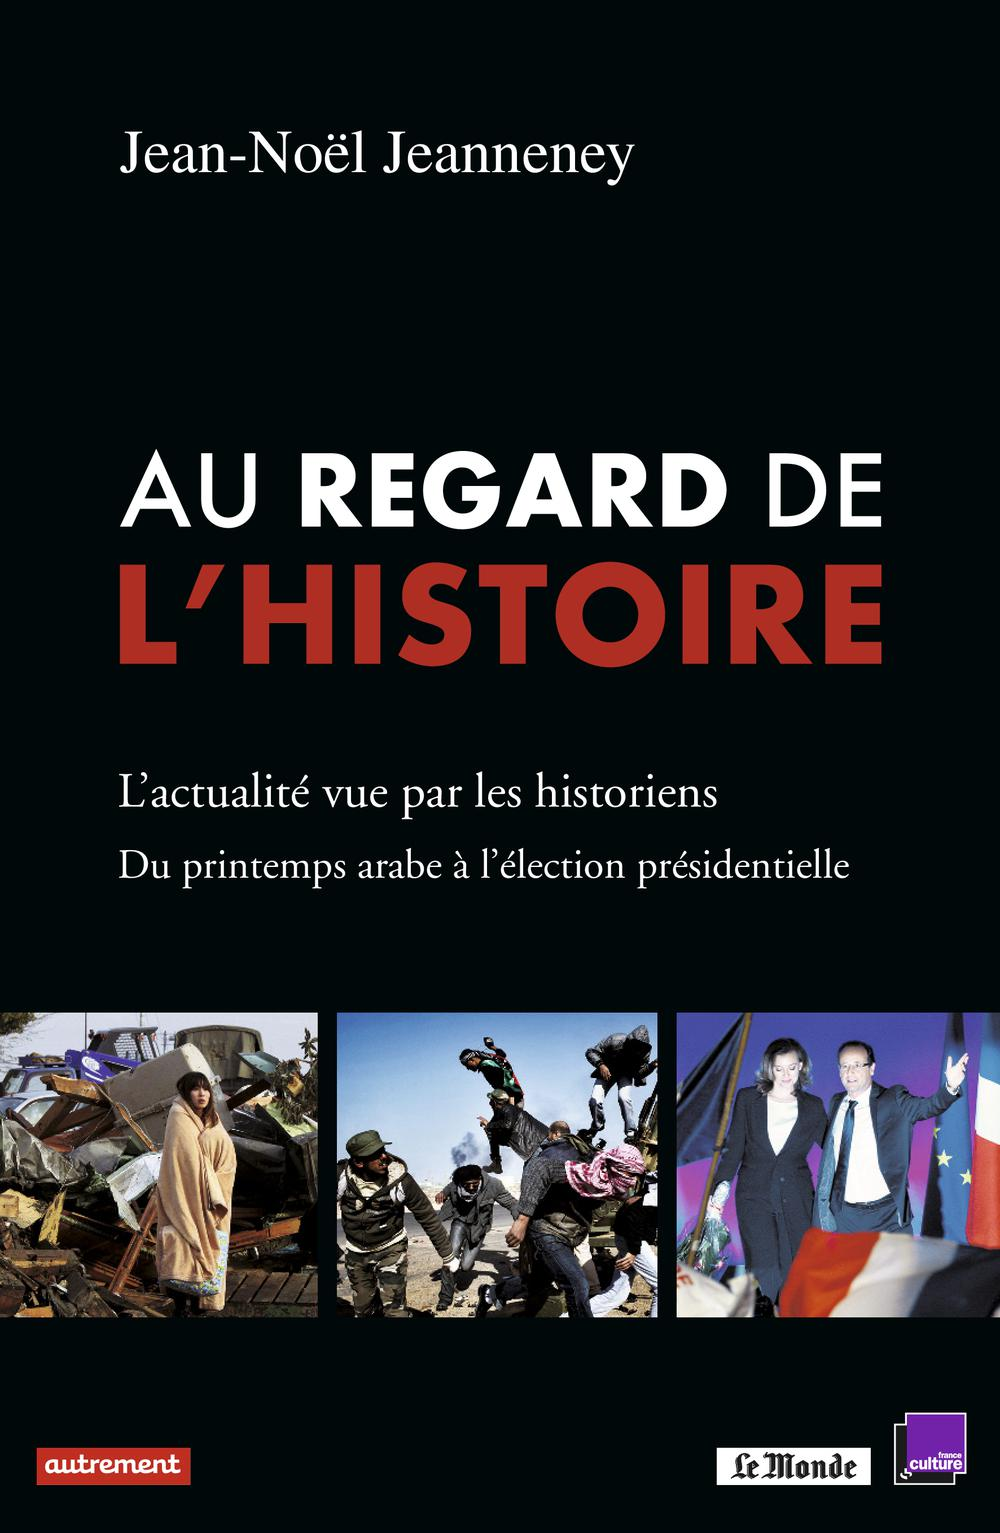 Au regard de l'histoire, L'ACTUALITÉ VUE PAR LES HISTORIENS : DU PRINTEMPS ARABE À L'ÉLECTION PRÉSIDENTIELLE